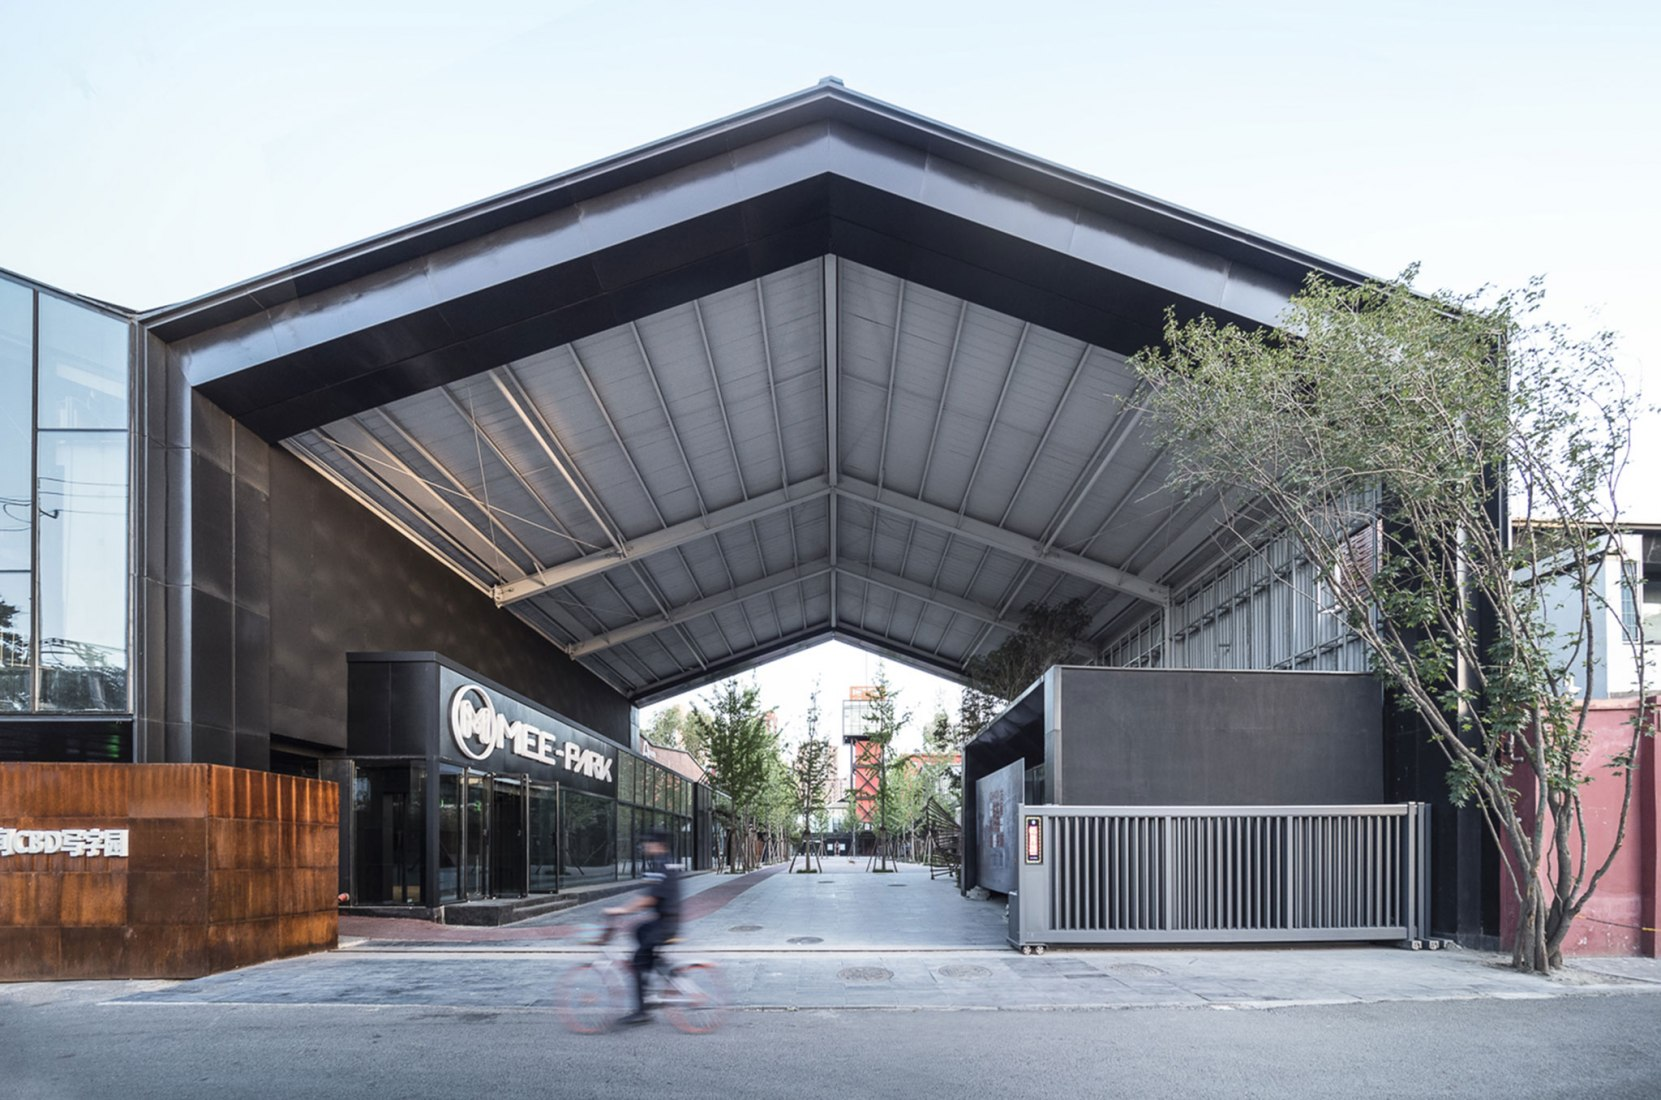 Vista exterior. MeePark CBD, la conversión de un almacén industrial en un lugar para eventos por Latitude Architectural Group. Fotografía por Héctor Peinador